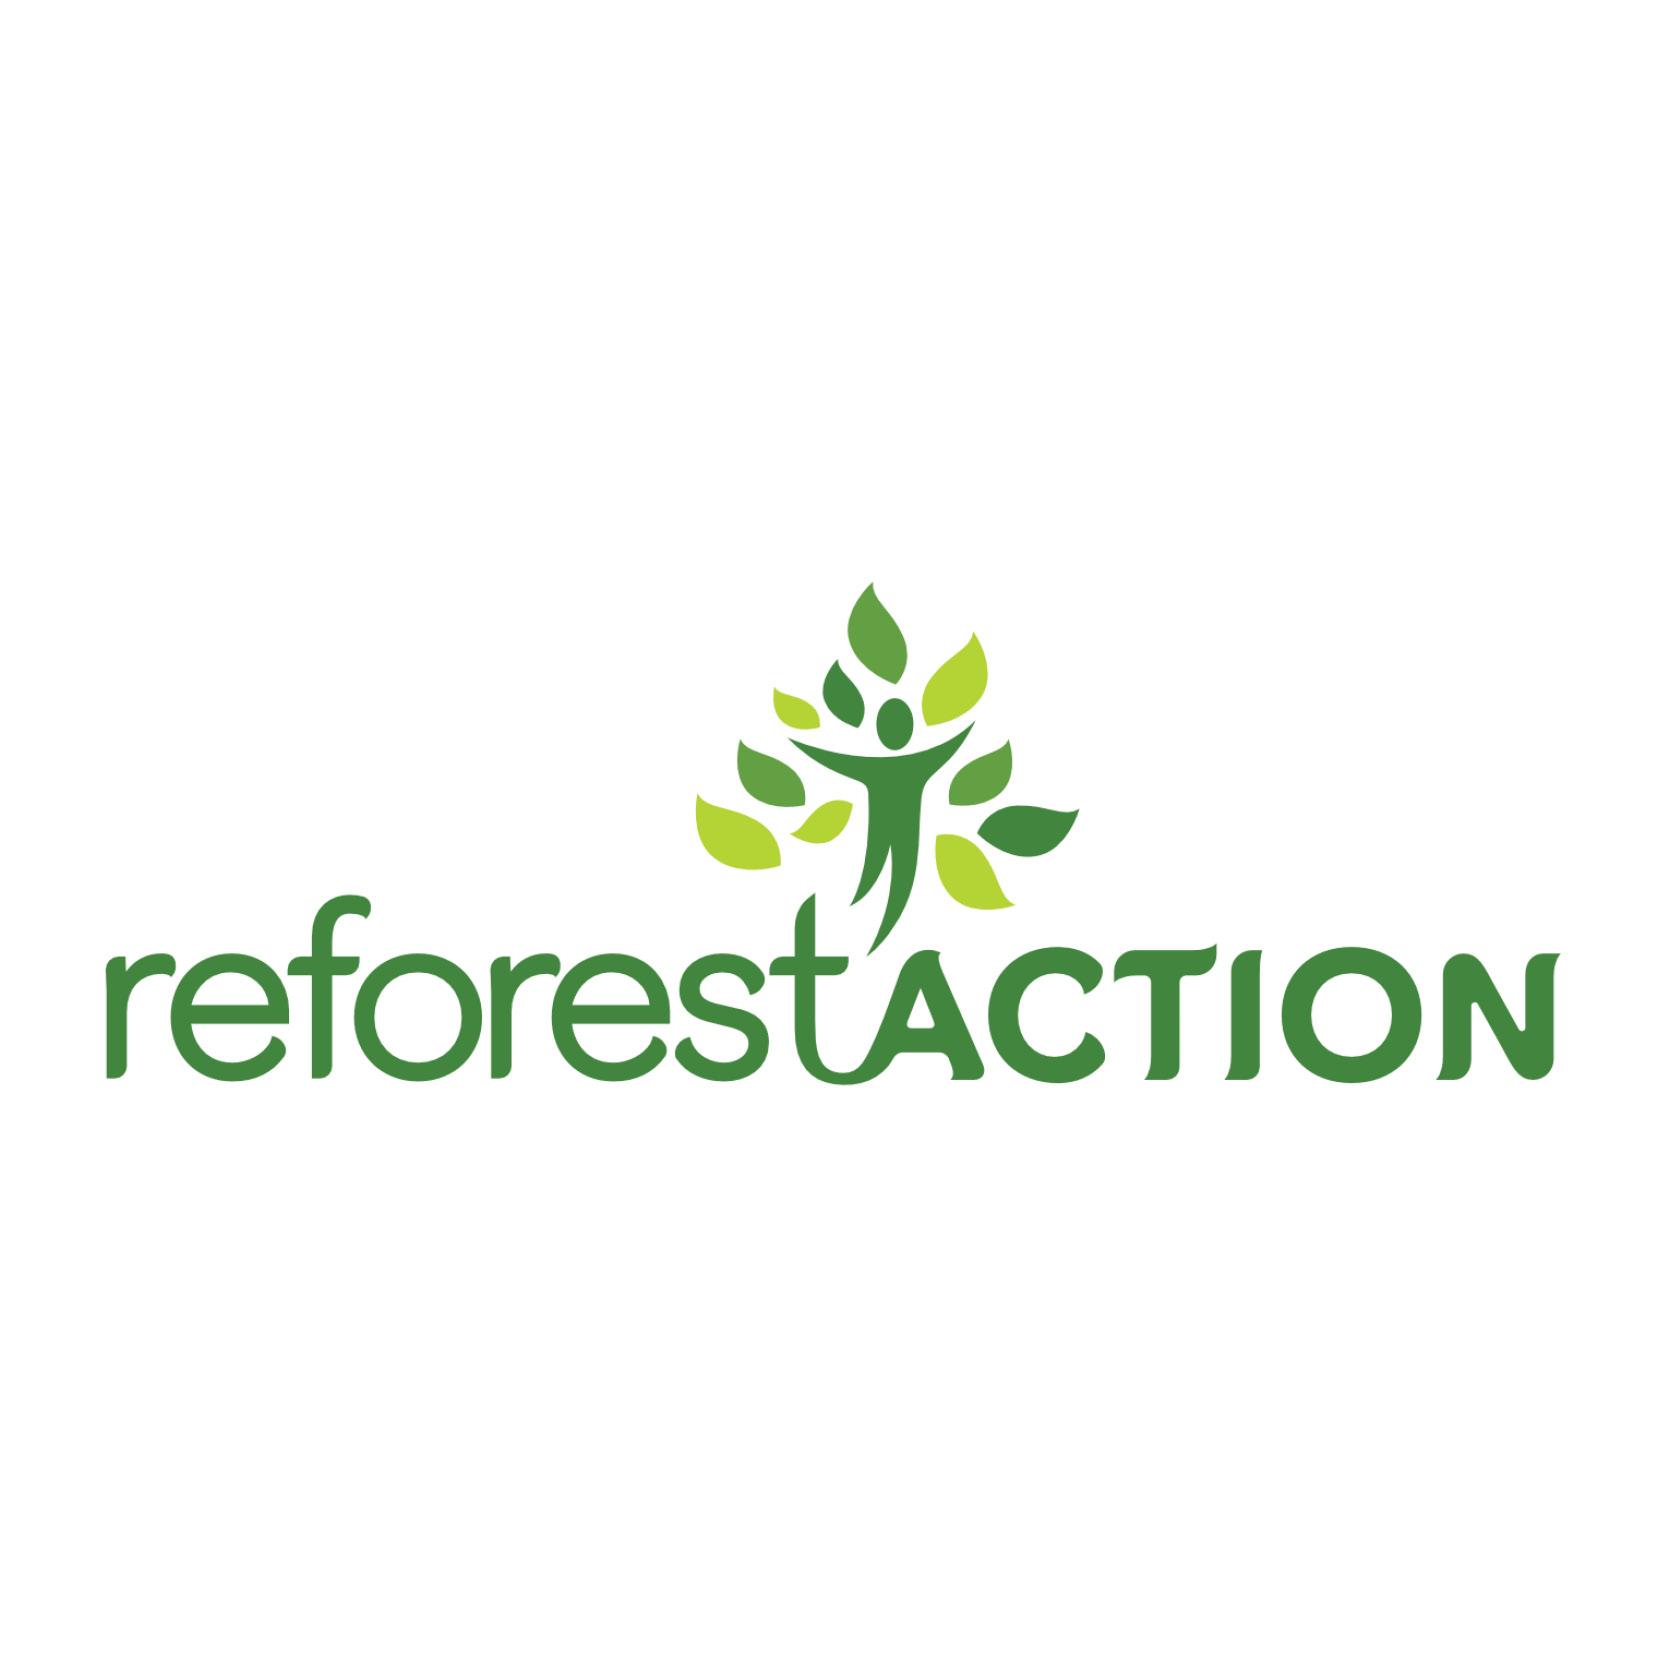 Redman_Reforest_Action